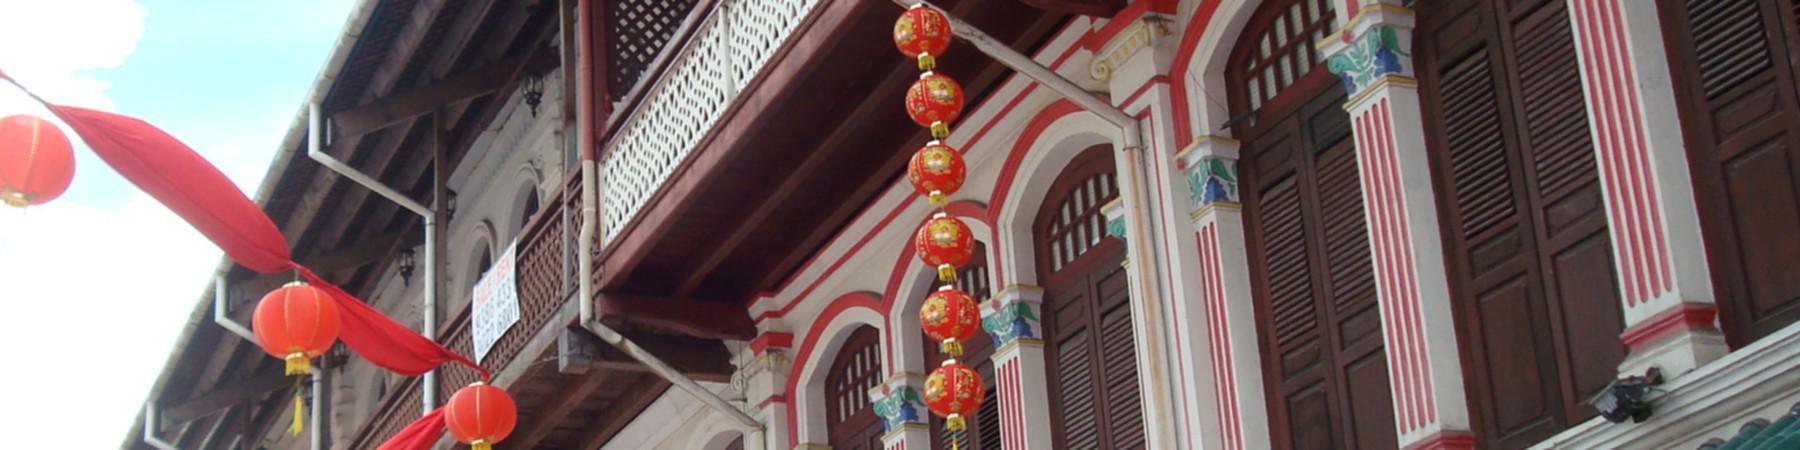 singapore_chinatown_banner